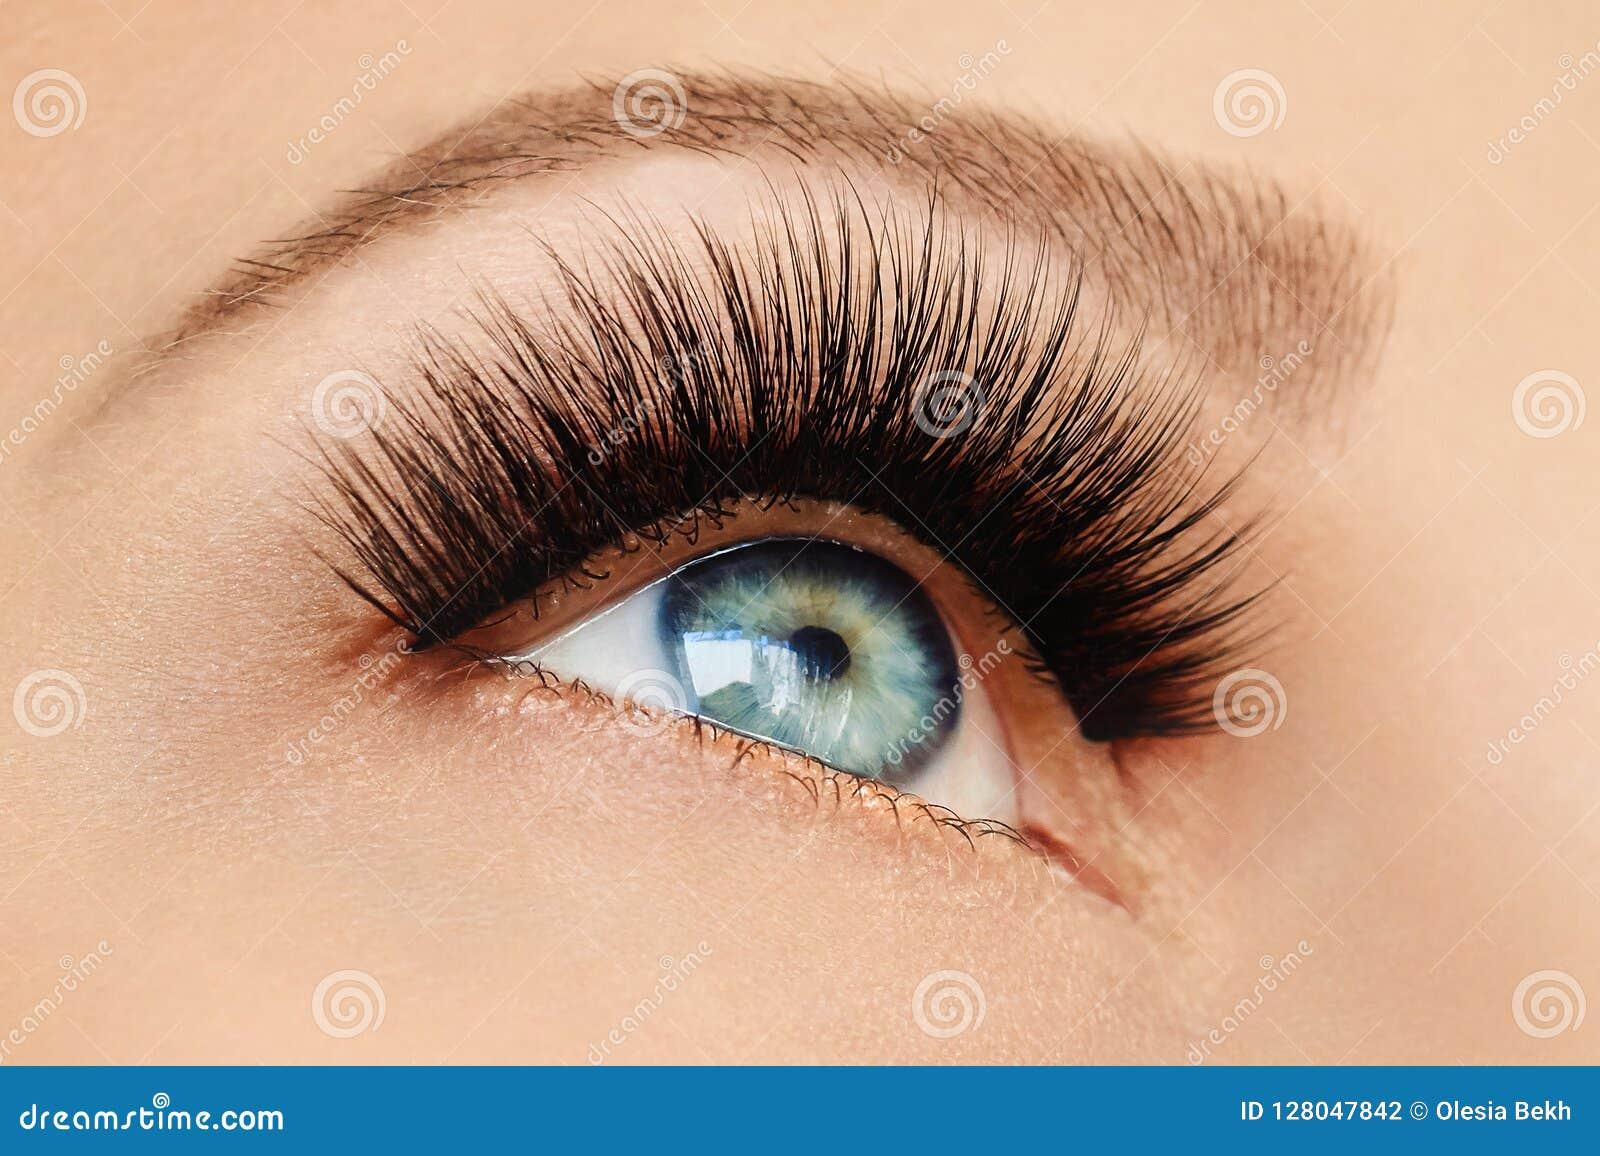 Θηλυκό μάτι με τα ακραία μακροχρόνια ψεύτικα eyelashes και το μαύρο σκάφος της γραμμής Επεκτάσεις Eyelash, σύνθεση, καλλυντικά, ο